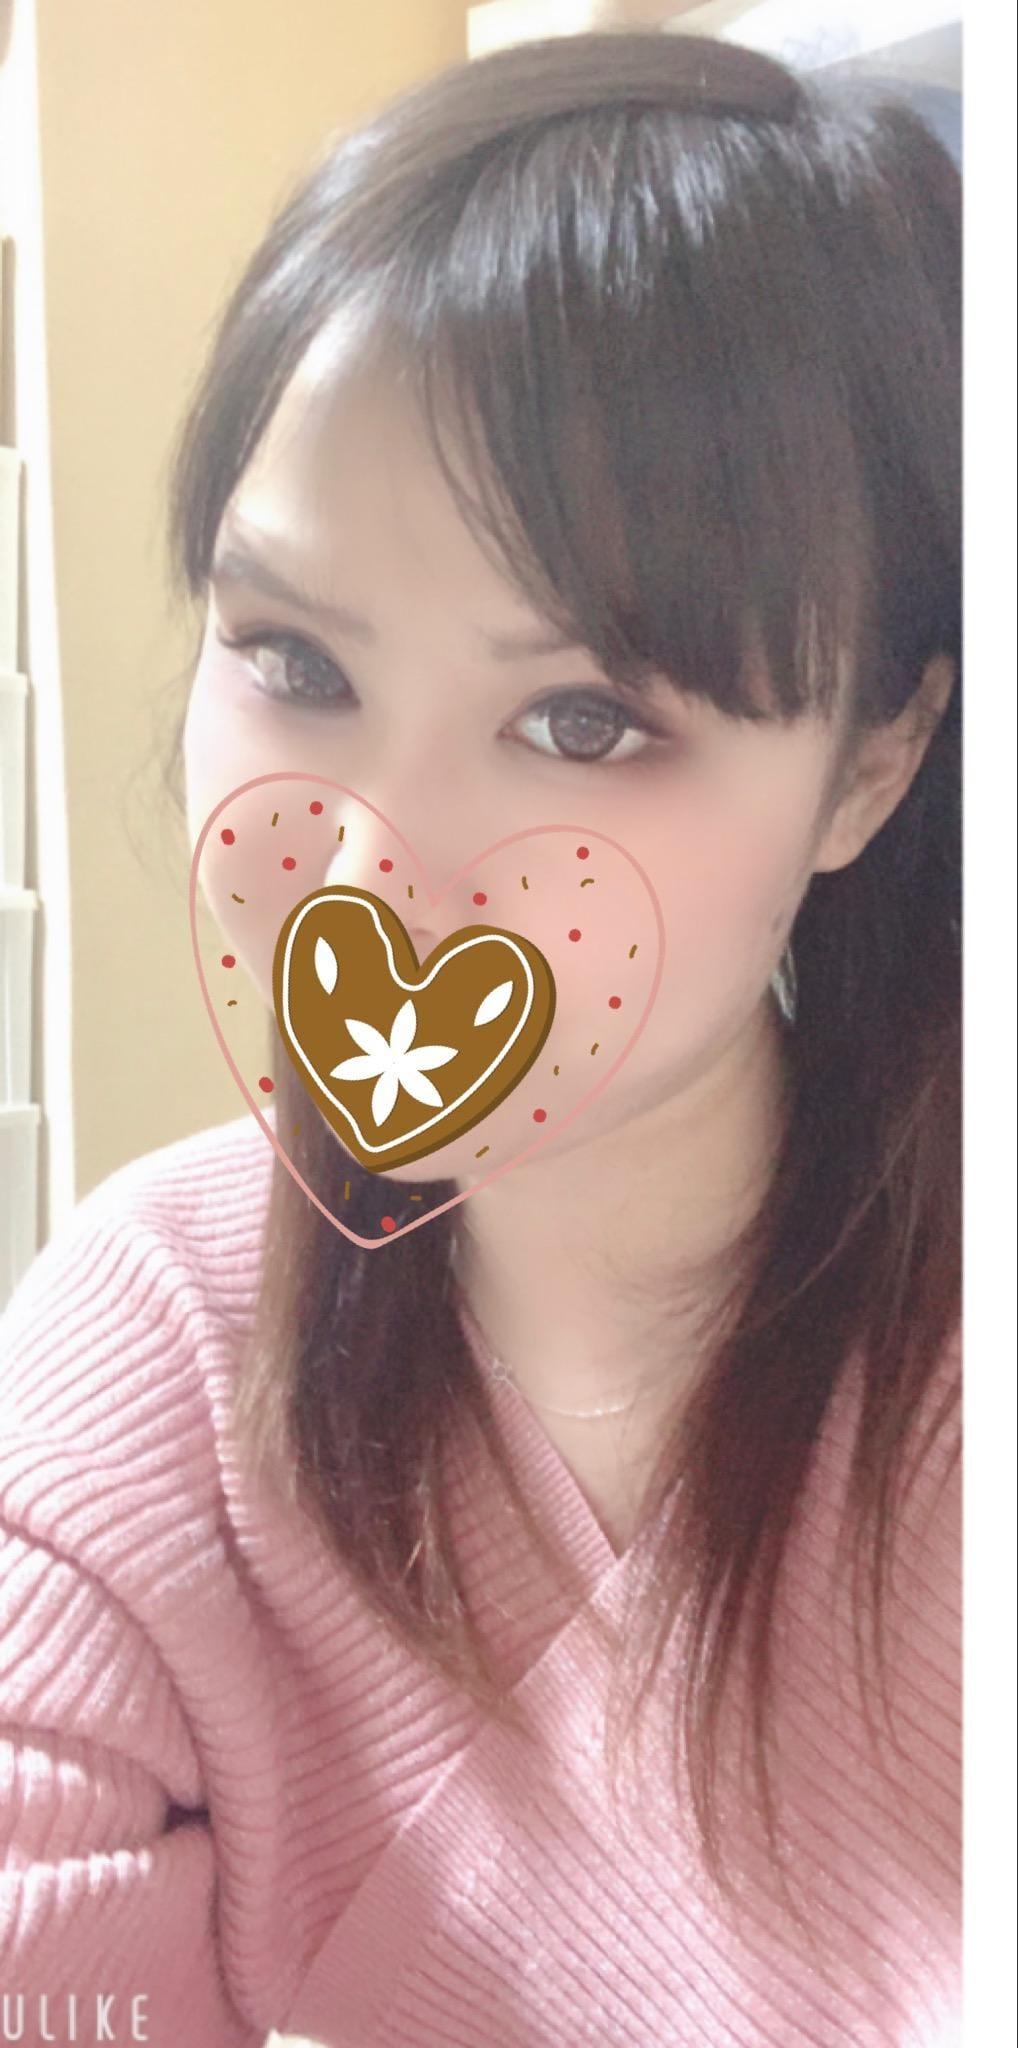 「もう春ですね」02/22(02/22) 18:28 | 芹沢の写メ・風俗動画